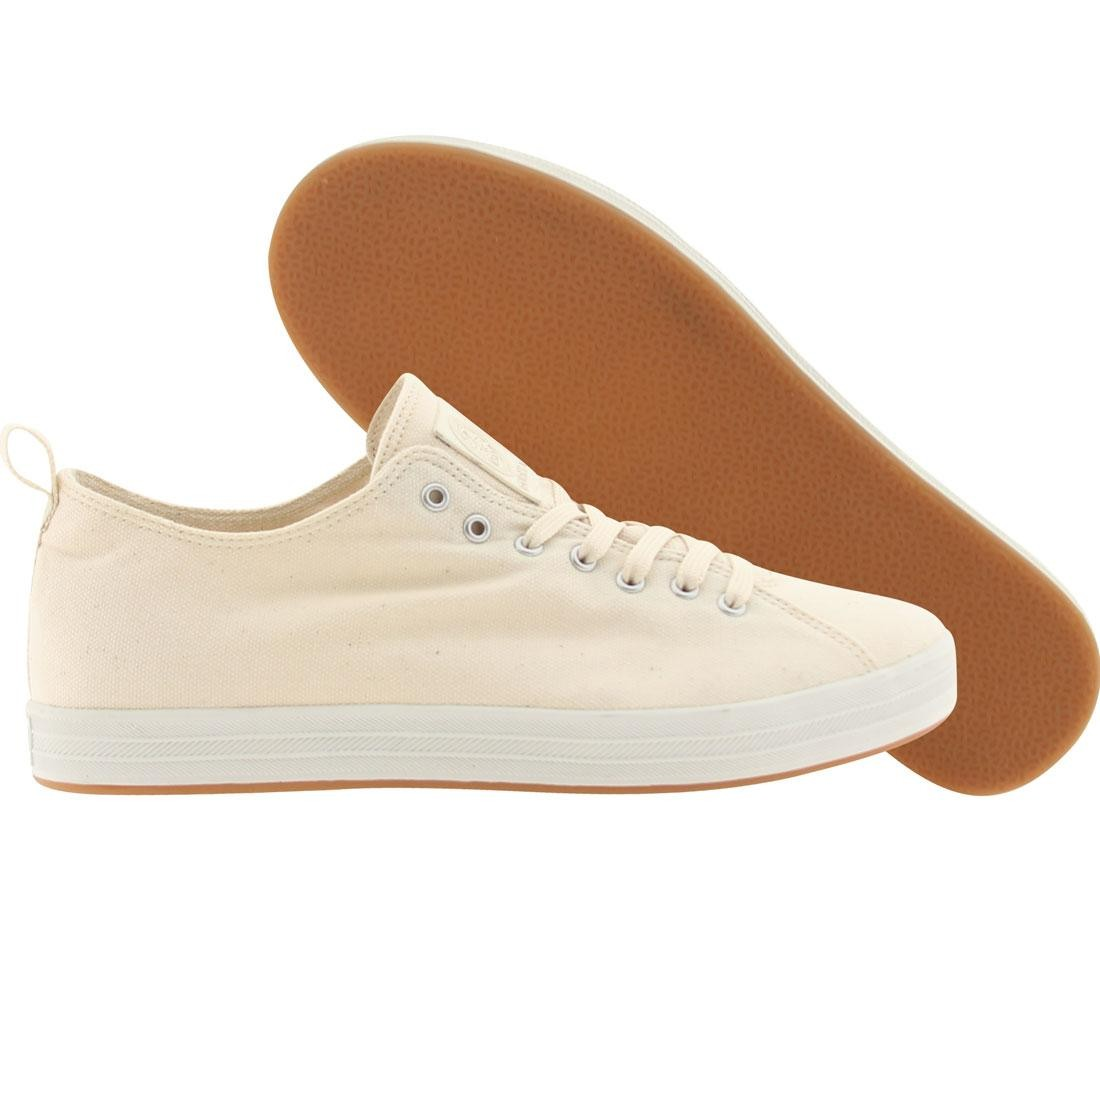 【海外限定】グルメ 靴 スニーカー 【 GOURMET UNO C LOW NATURAL WHITE 】